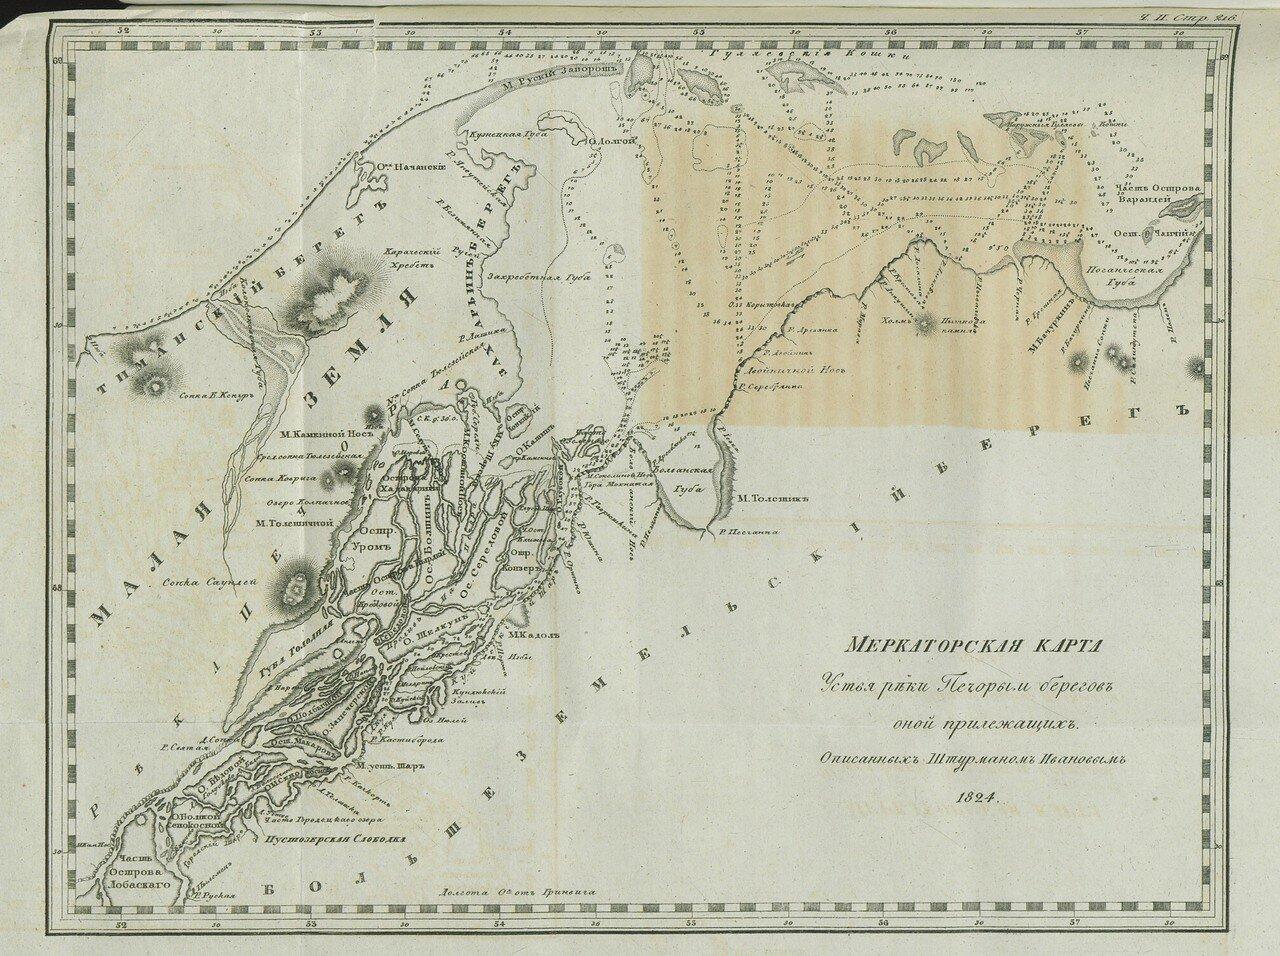 Меркаторская карта Устья реки Печоры и берегов оной принадлежащих